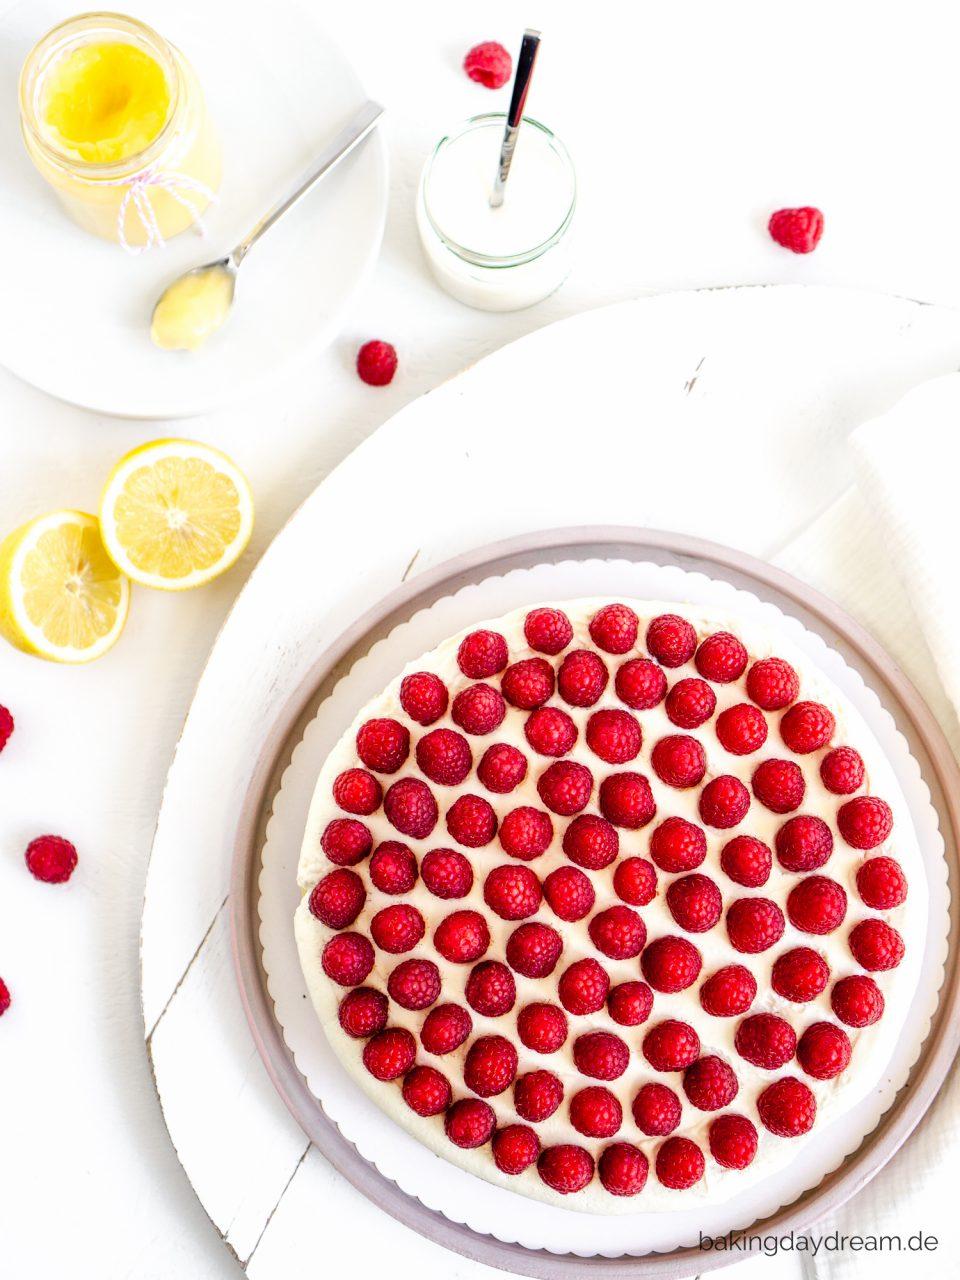 Joghurtkuchen mit Zitrone und Himbeeren